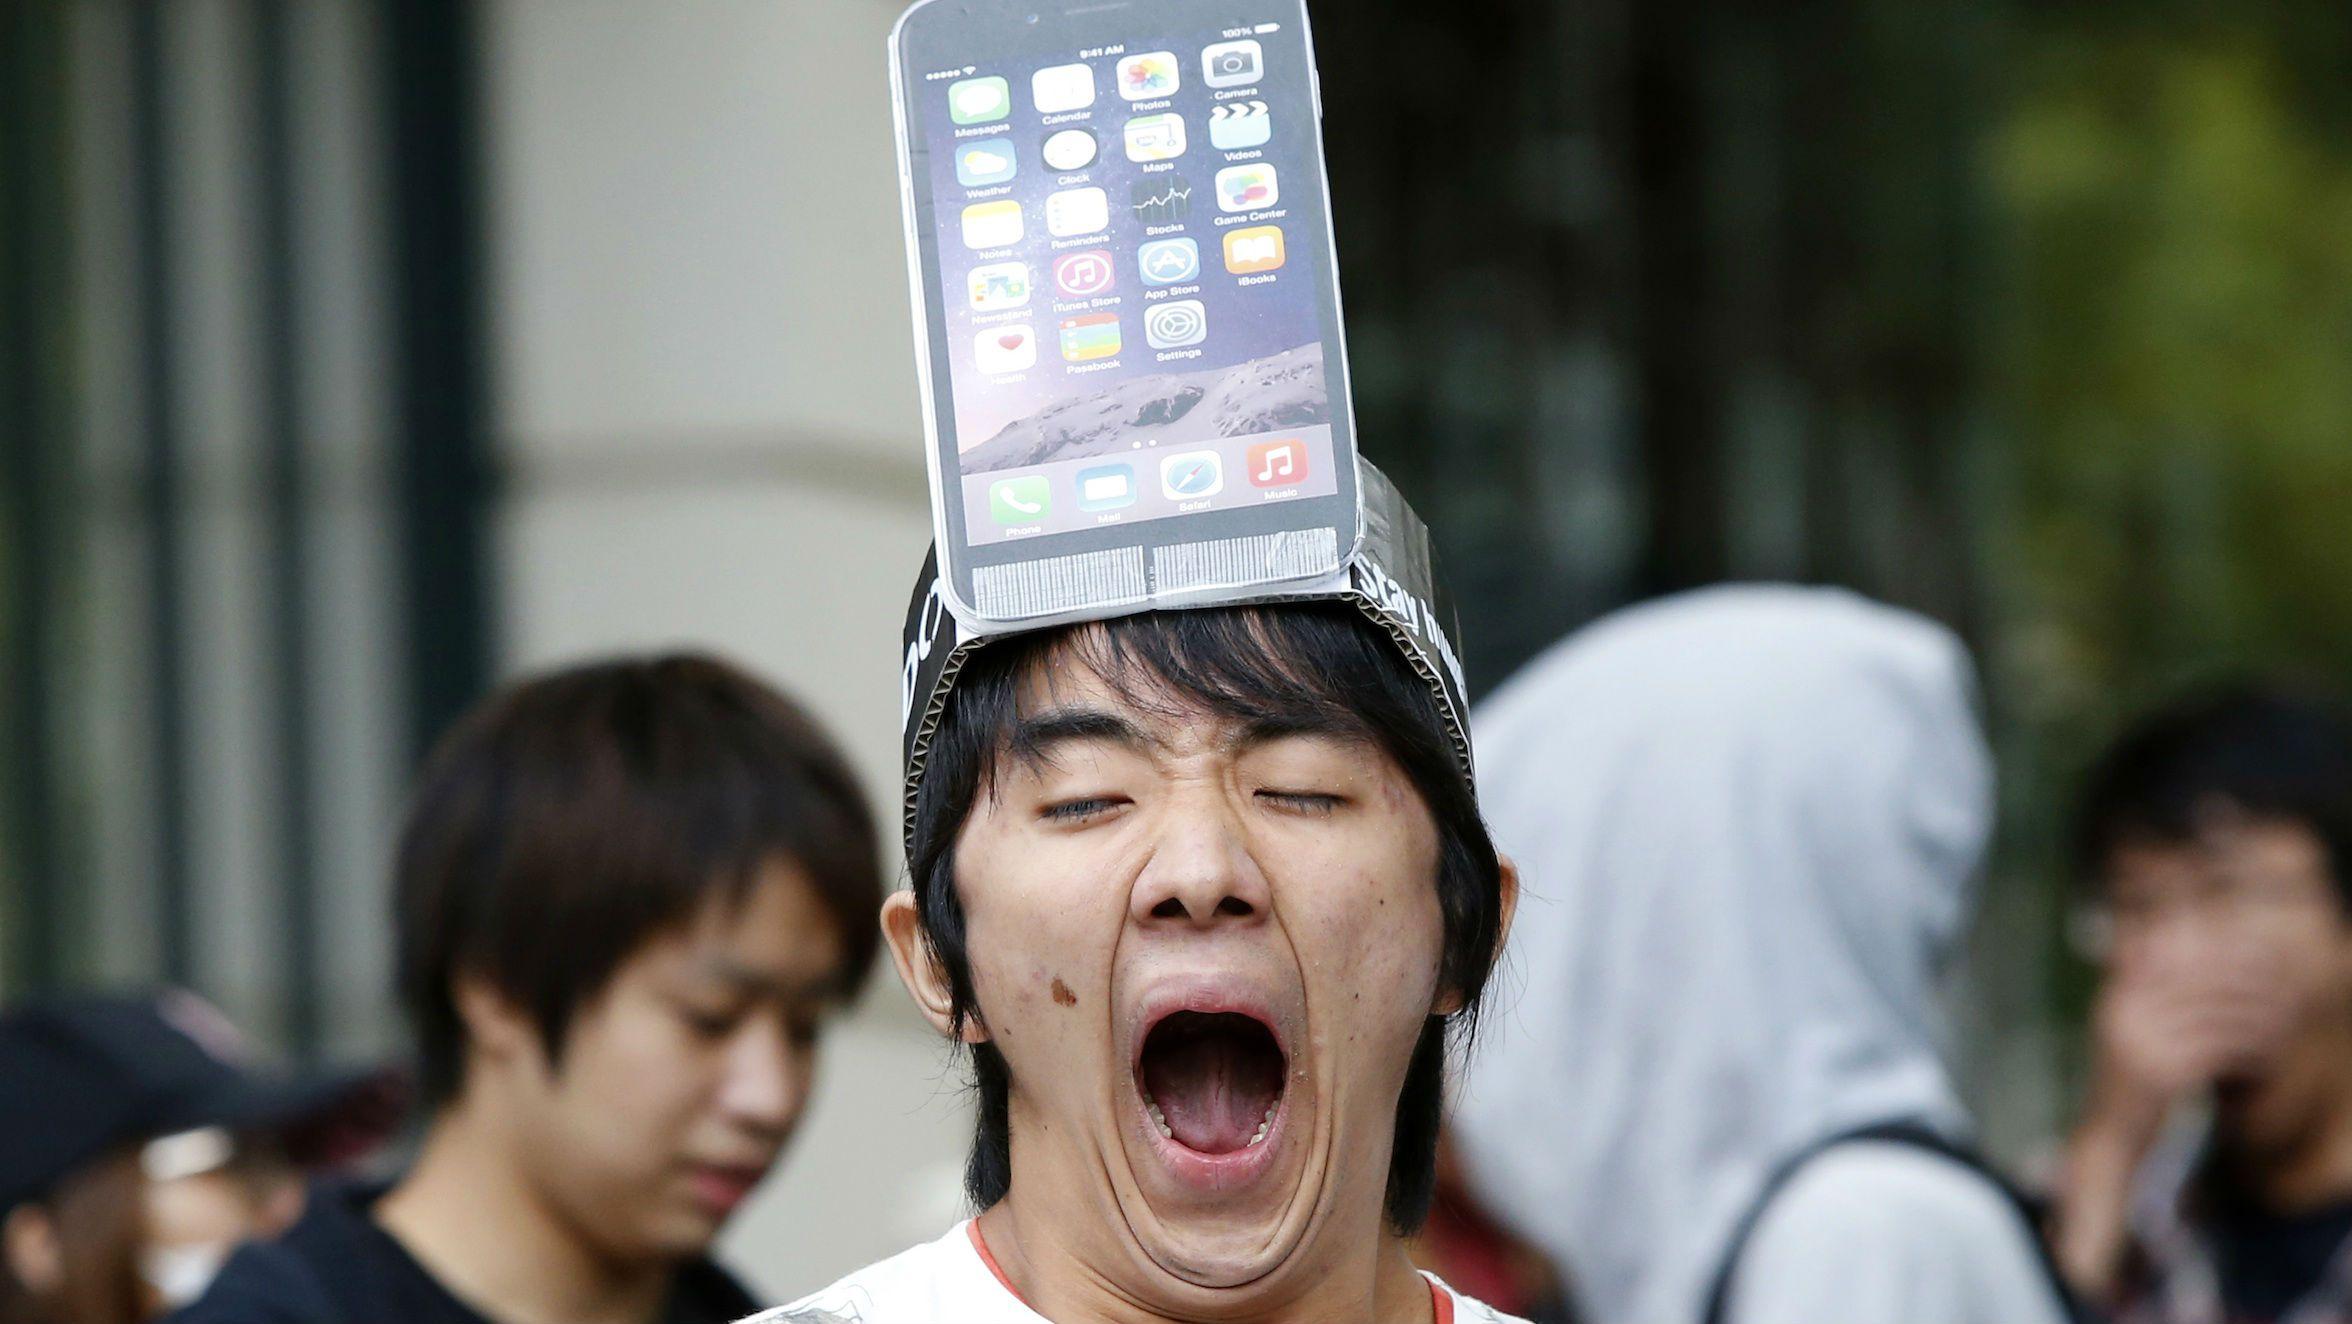 iphone yawn head web